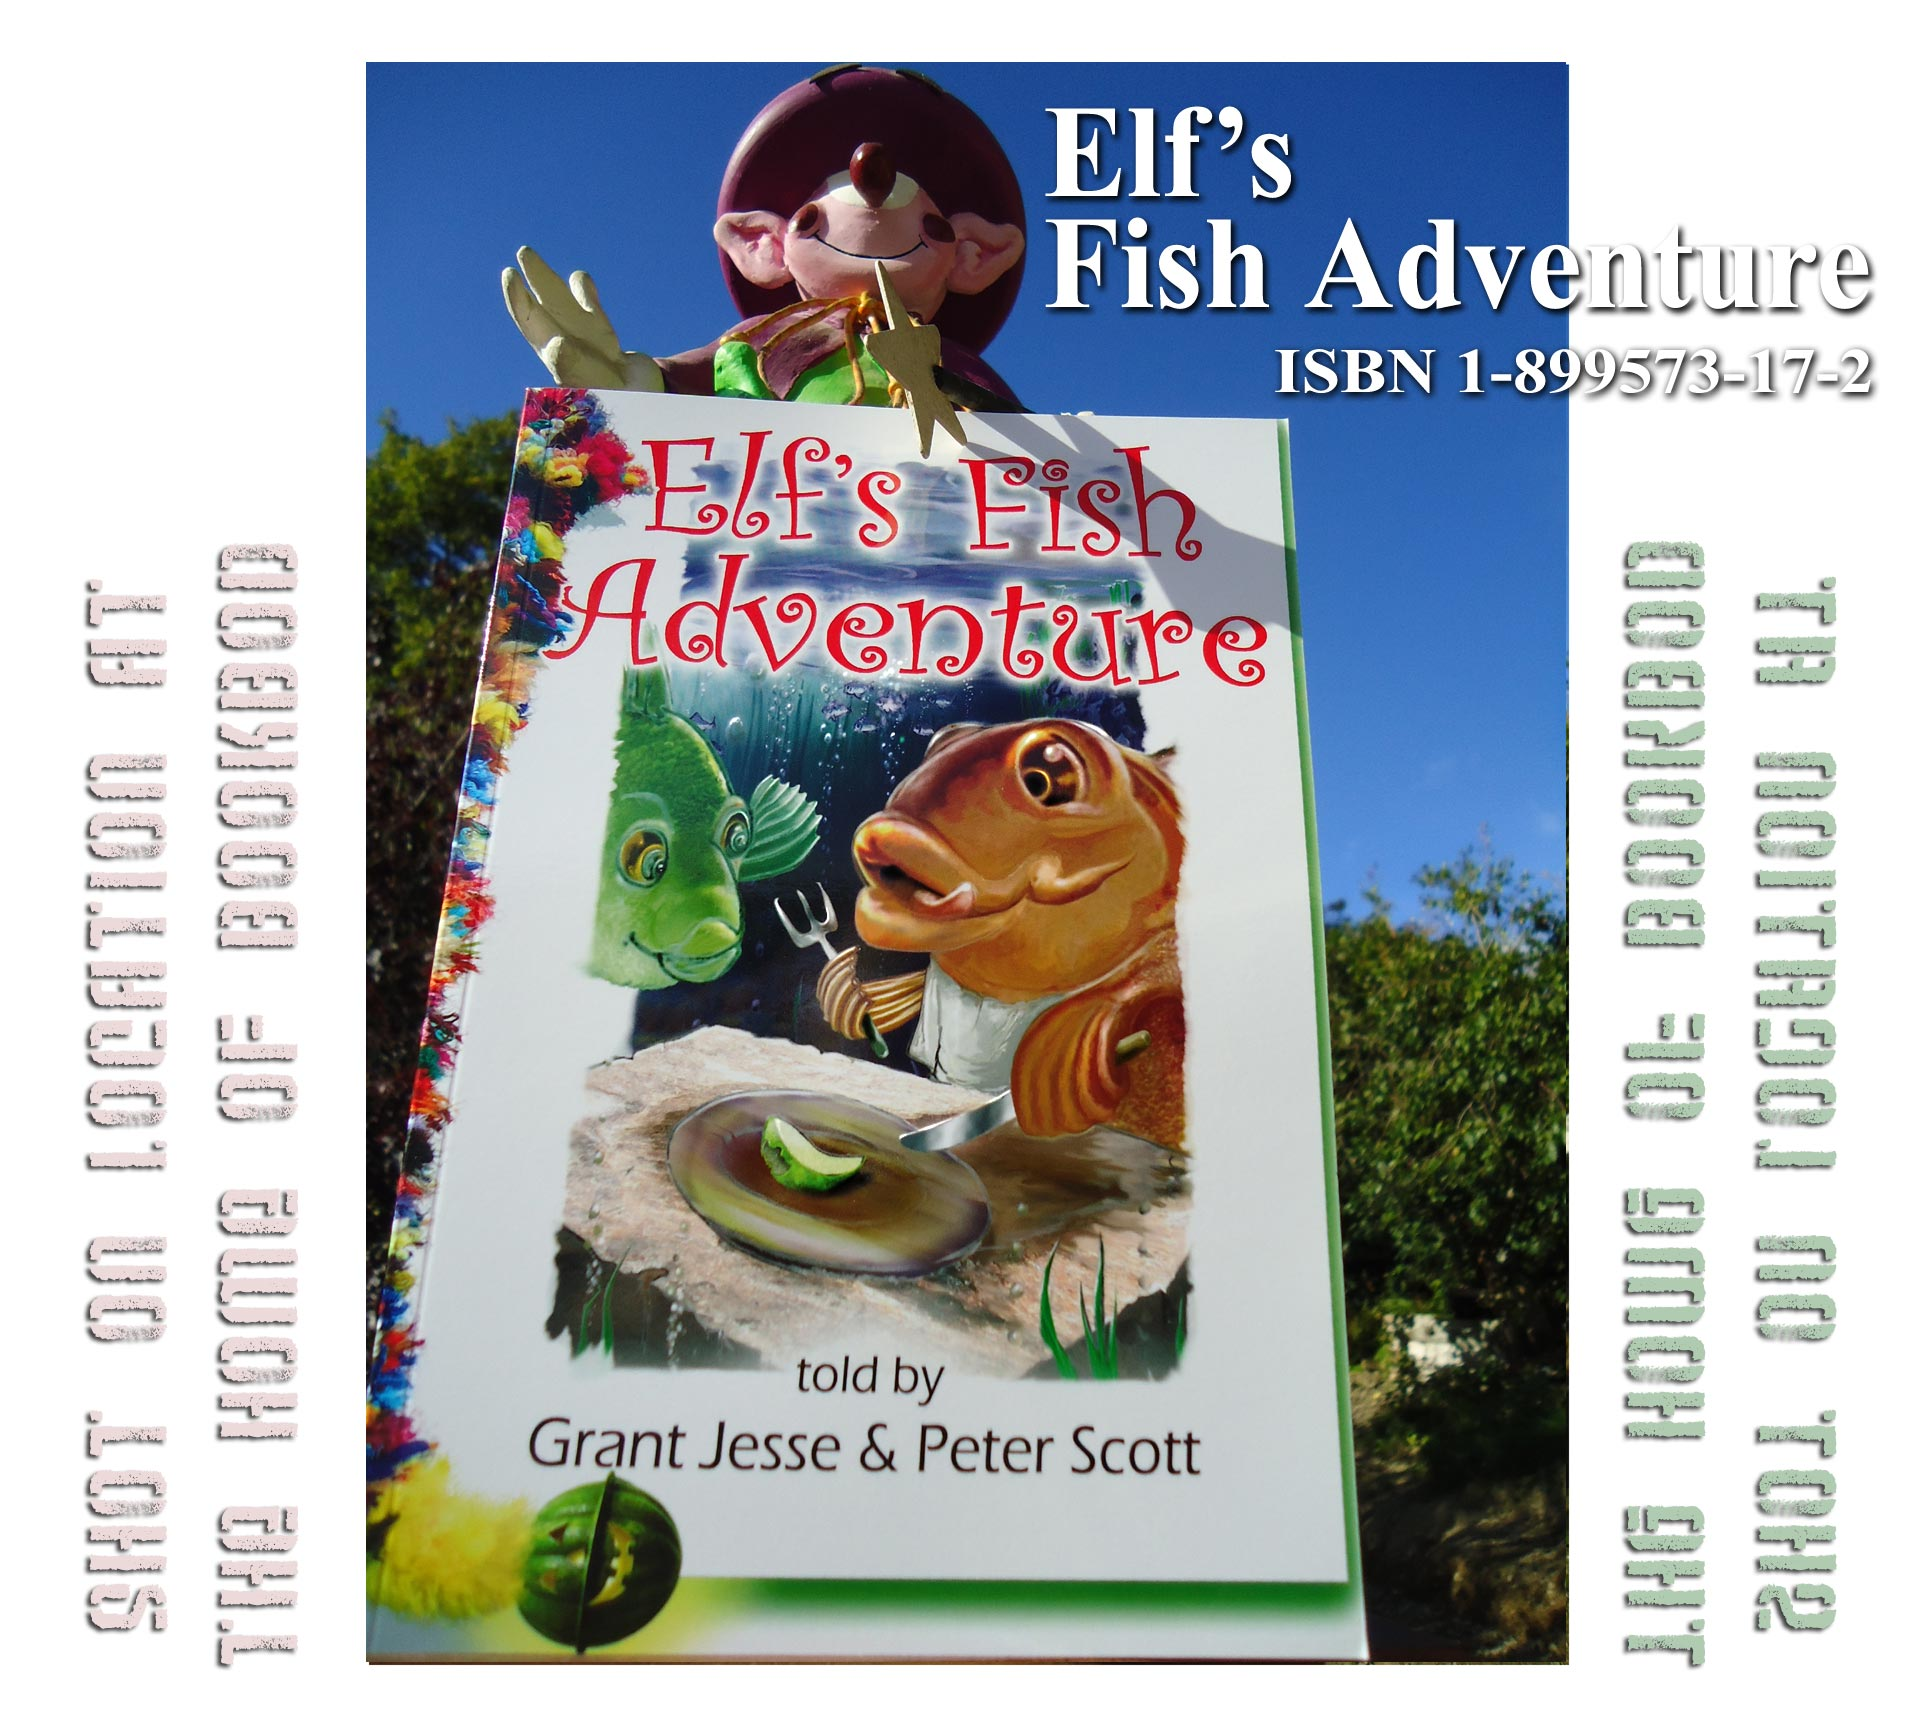 Elf's Fish Adventure